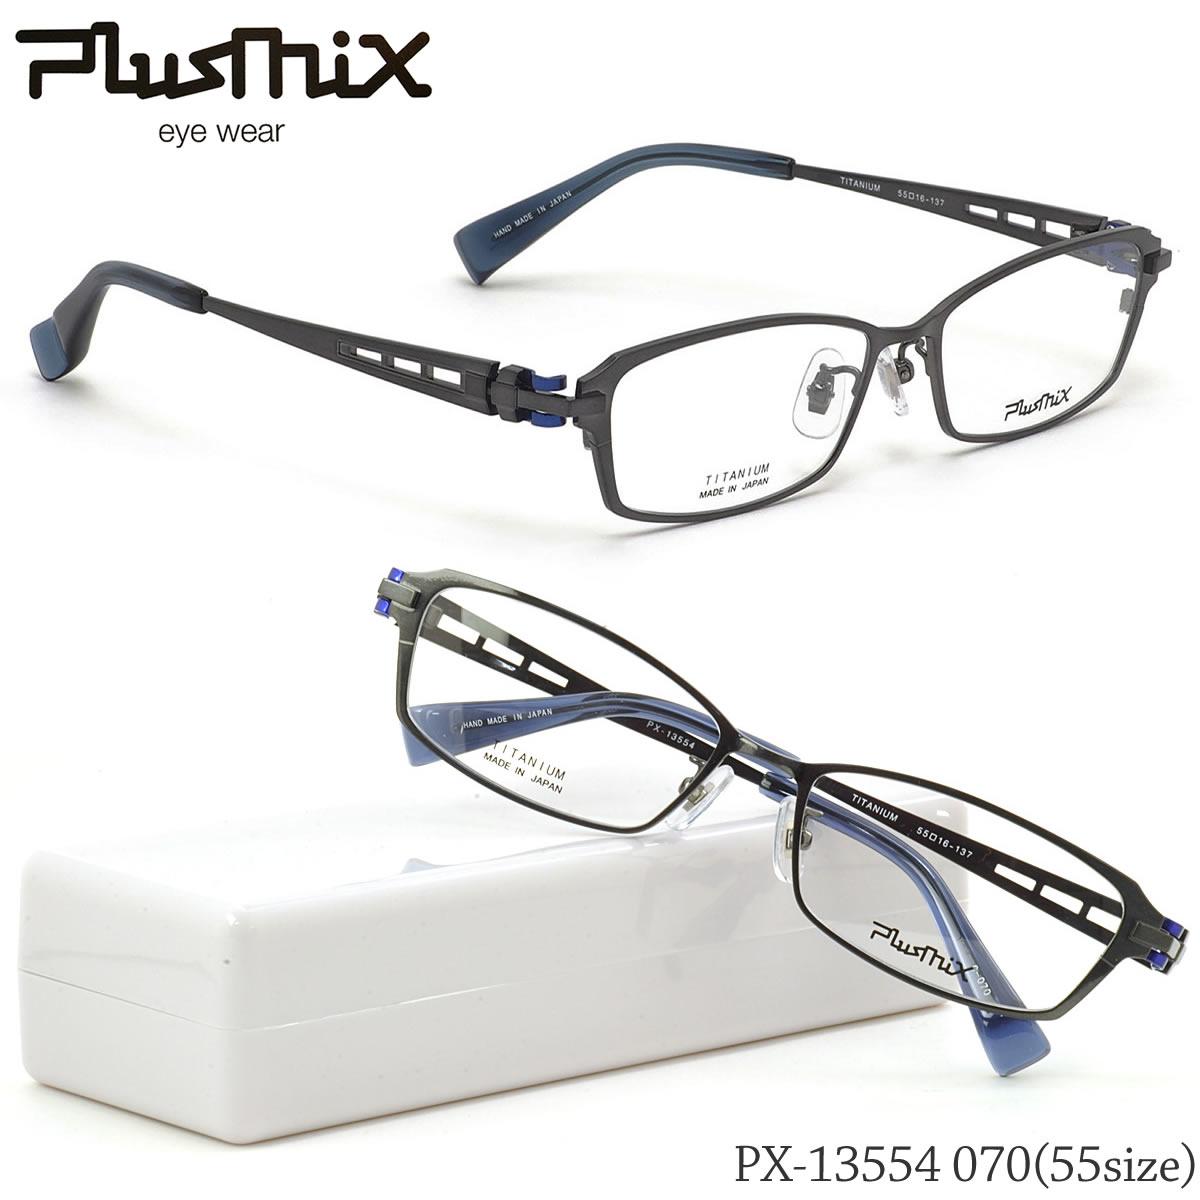 【10月30日からエントリーで全品ポイント20倍】【プラスミックス】 (PlusMix) メガネPX-13554 070 55サイズ日本製 ベータチタン チタン 高級 PlusMix 伊達メガネレンズ無料 メンズ レディース